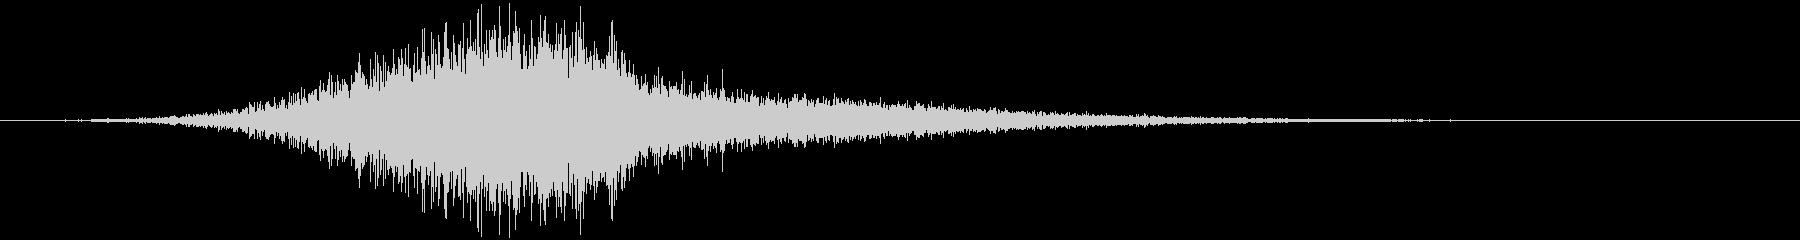 【ライザー】02 ホラーサウンド 冷気の未再生の波形